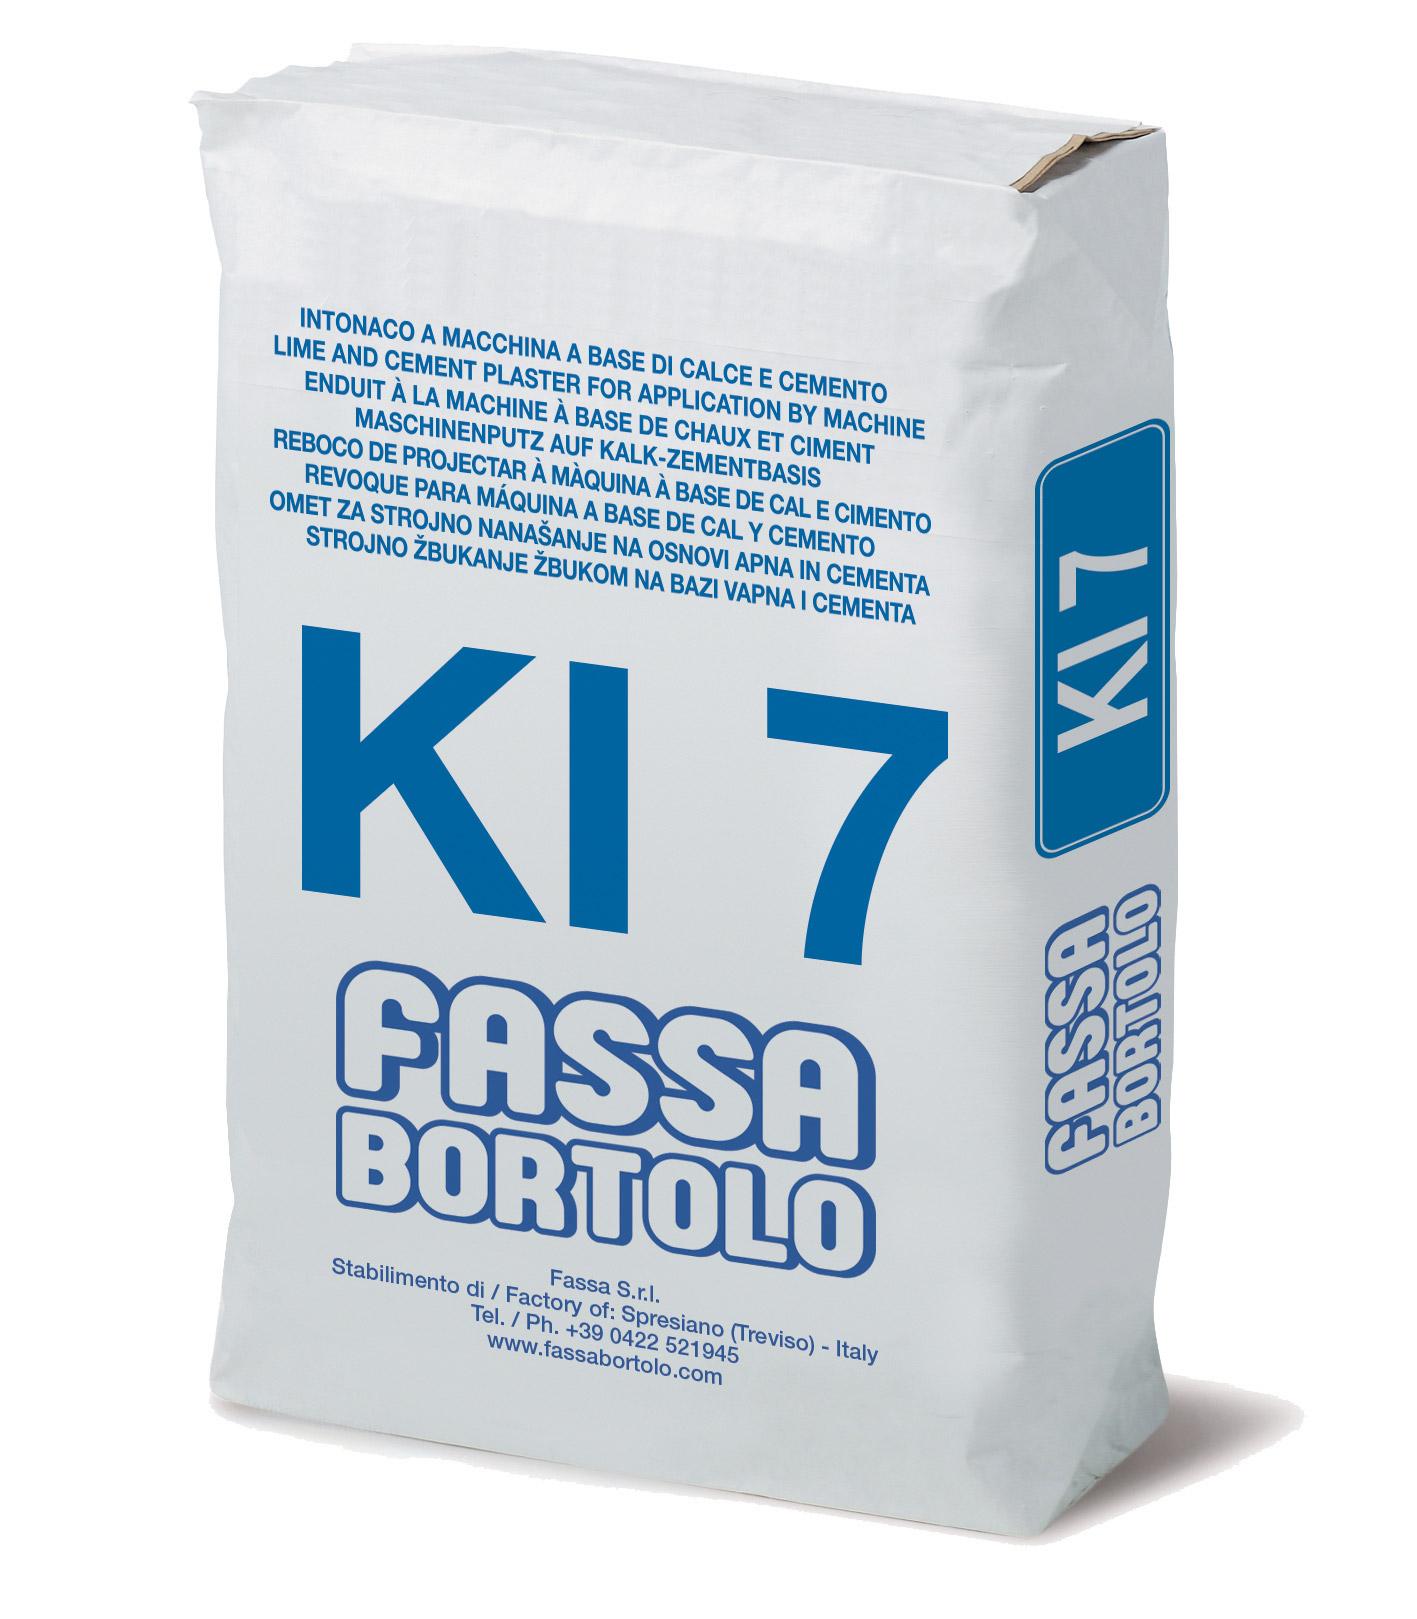 KI 7: Reboco fibro-reforçado, com hidrorepelente, à base de cal e cimento, para interior e exterior